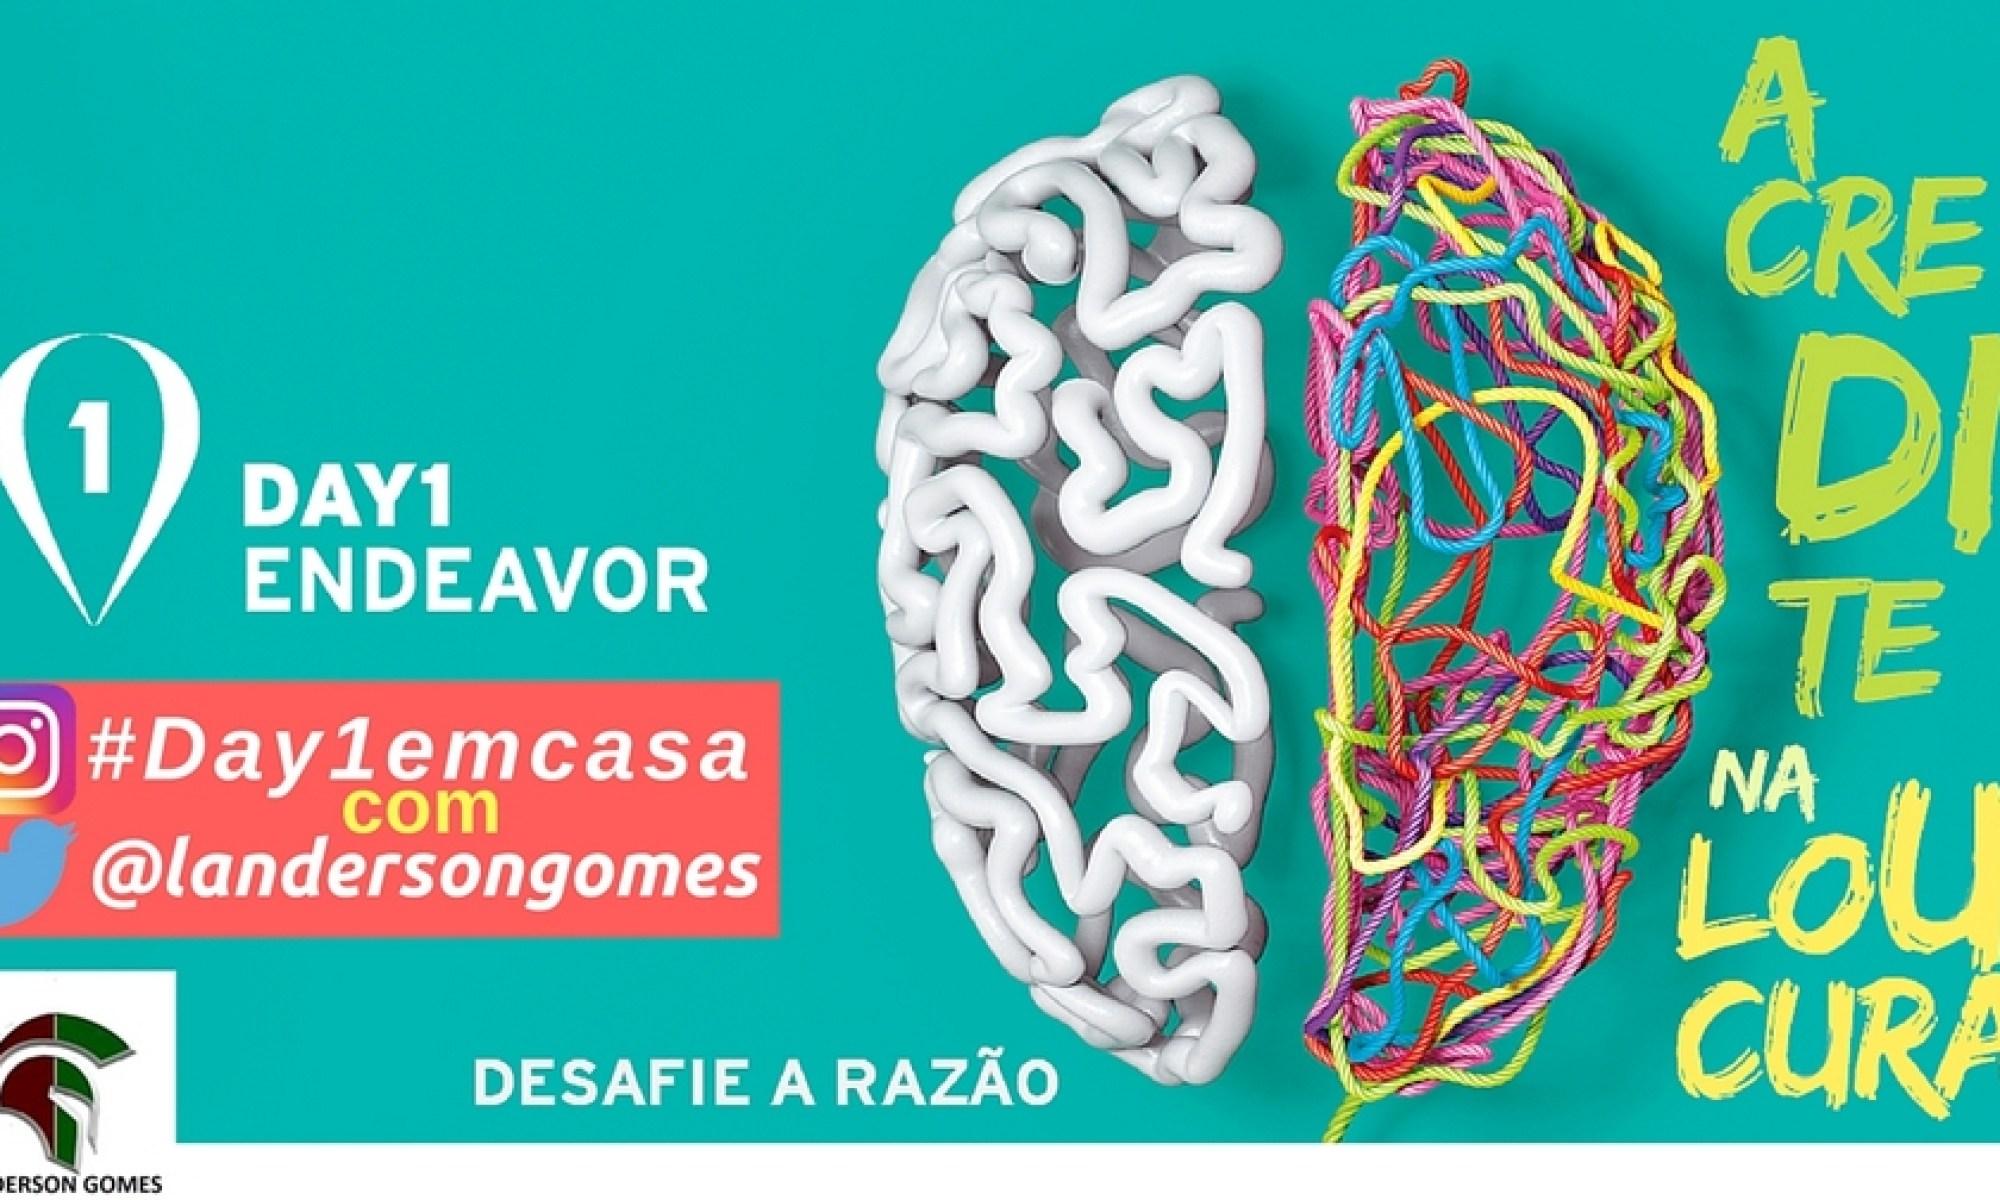 Utilize a hastag #Day1emcasa e marque @landersongomes